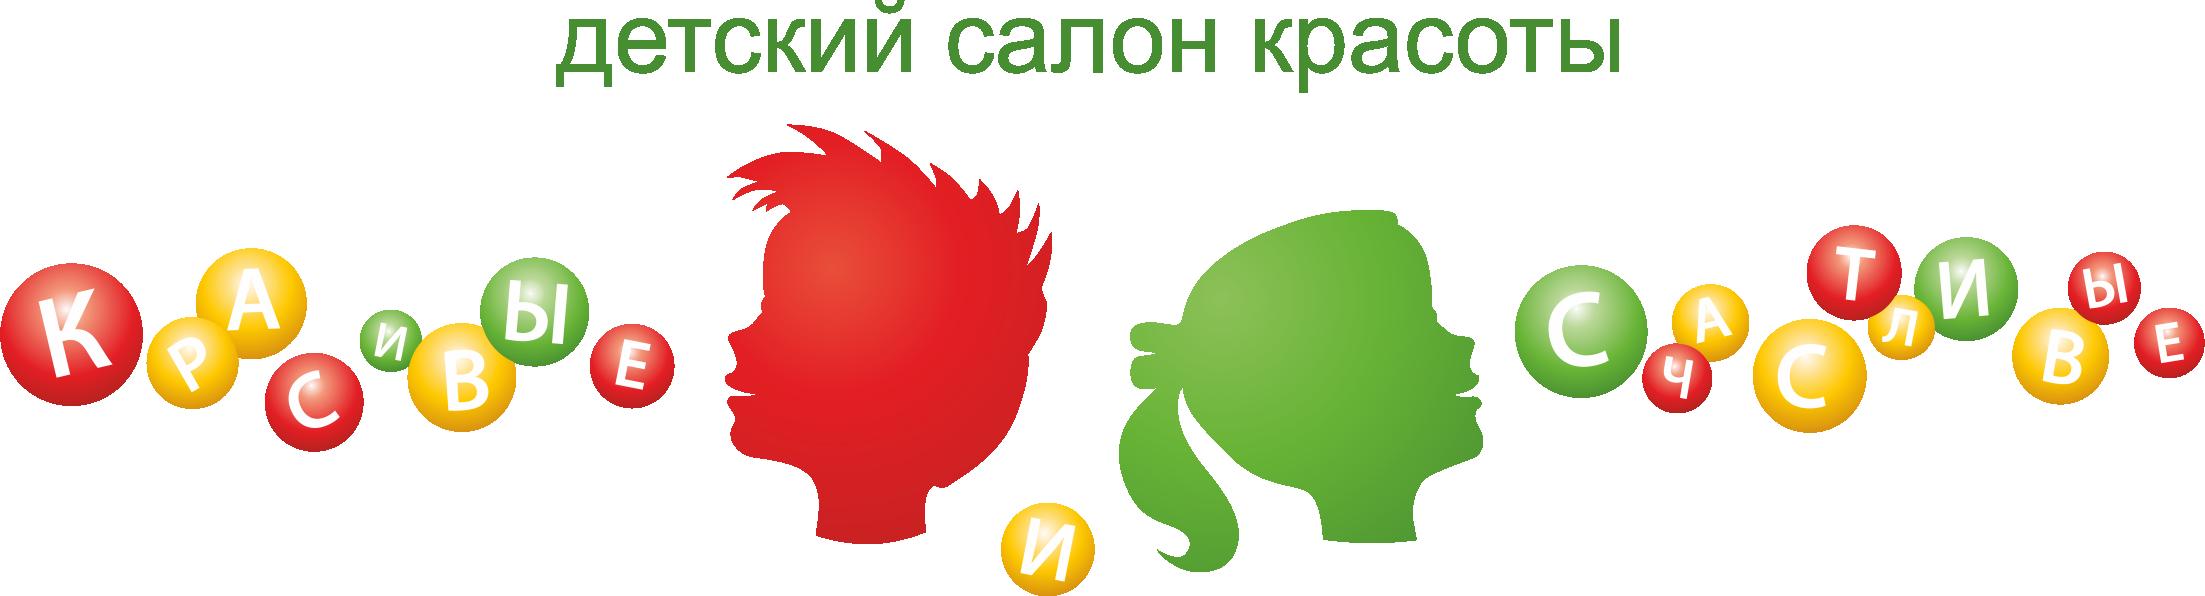 kis_salon_logo